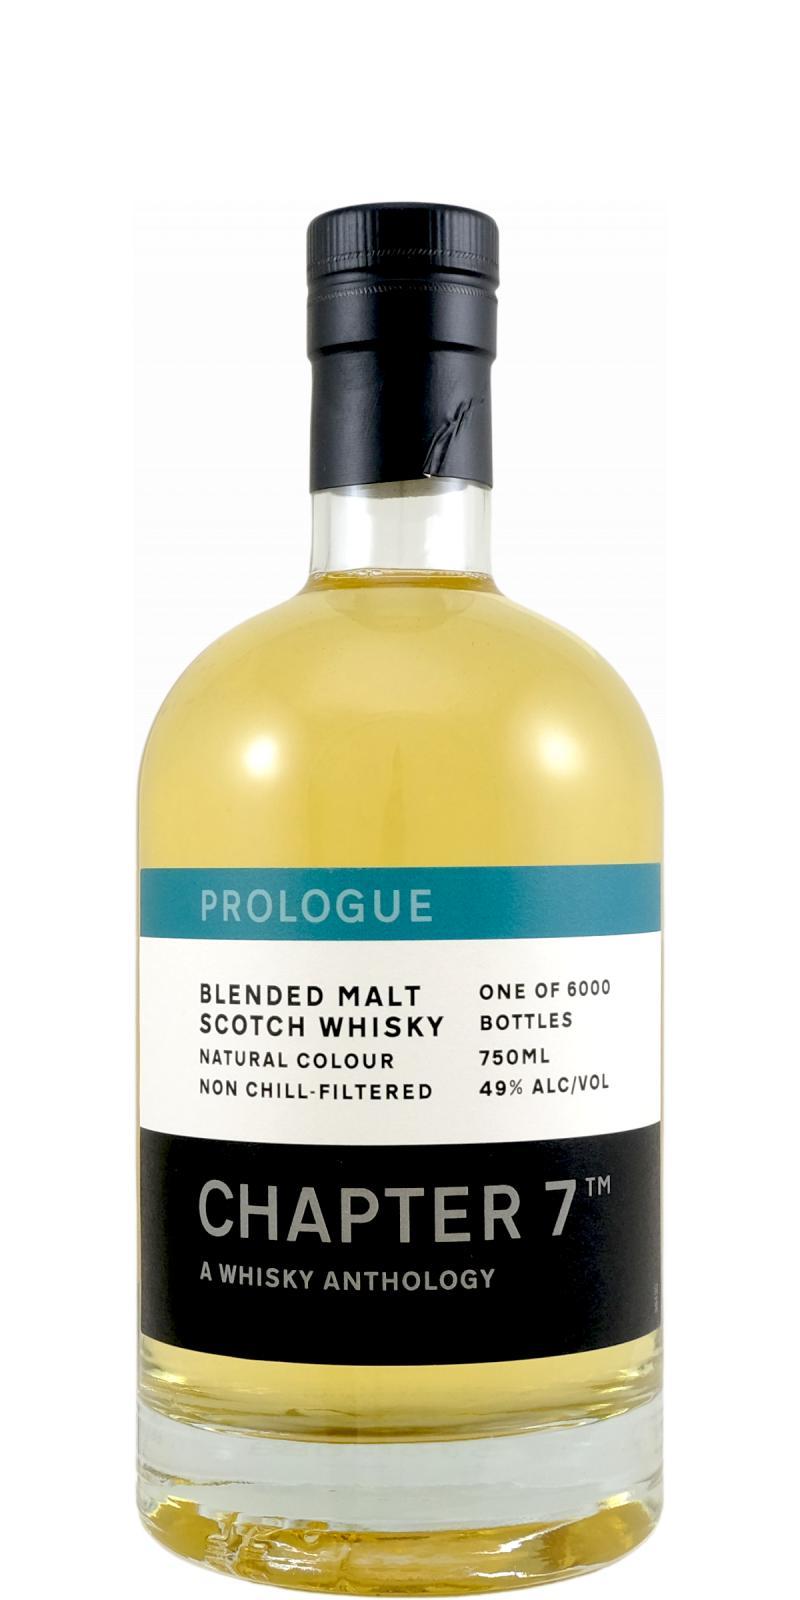 Blended Malt Scotch Whisky Prologue Ch7